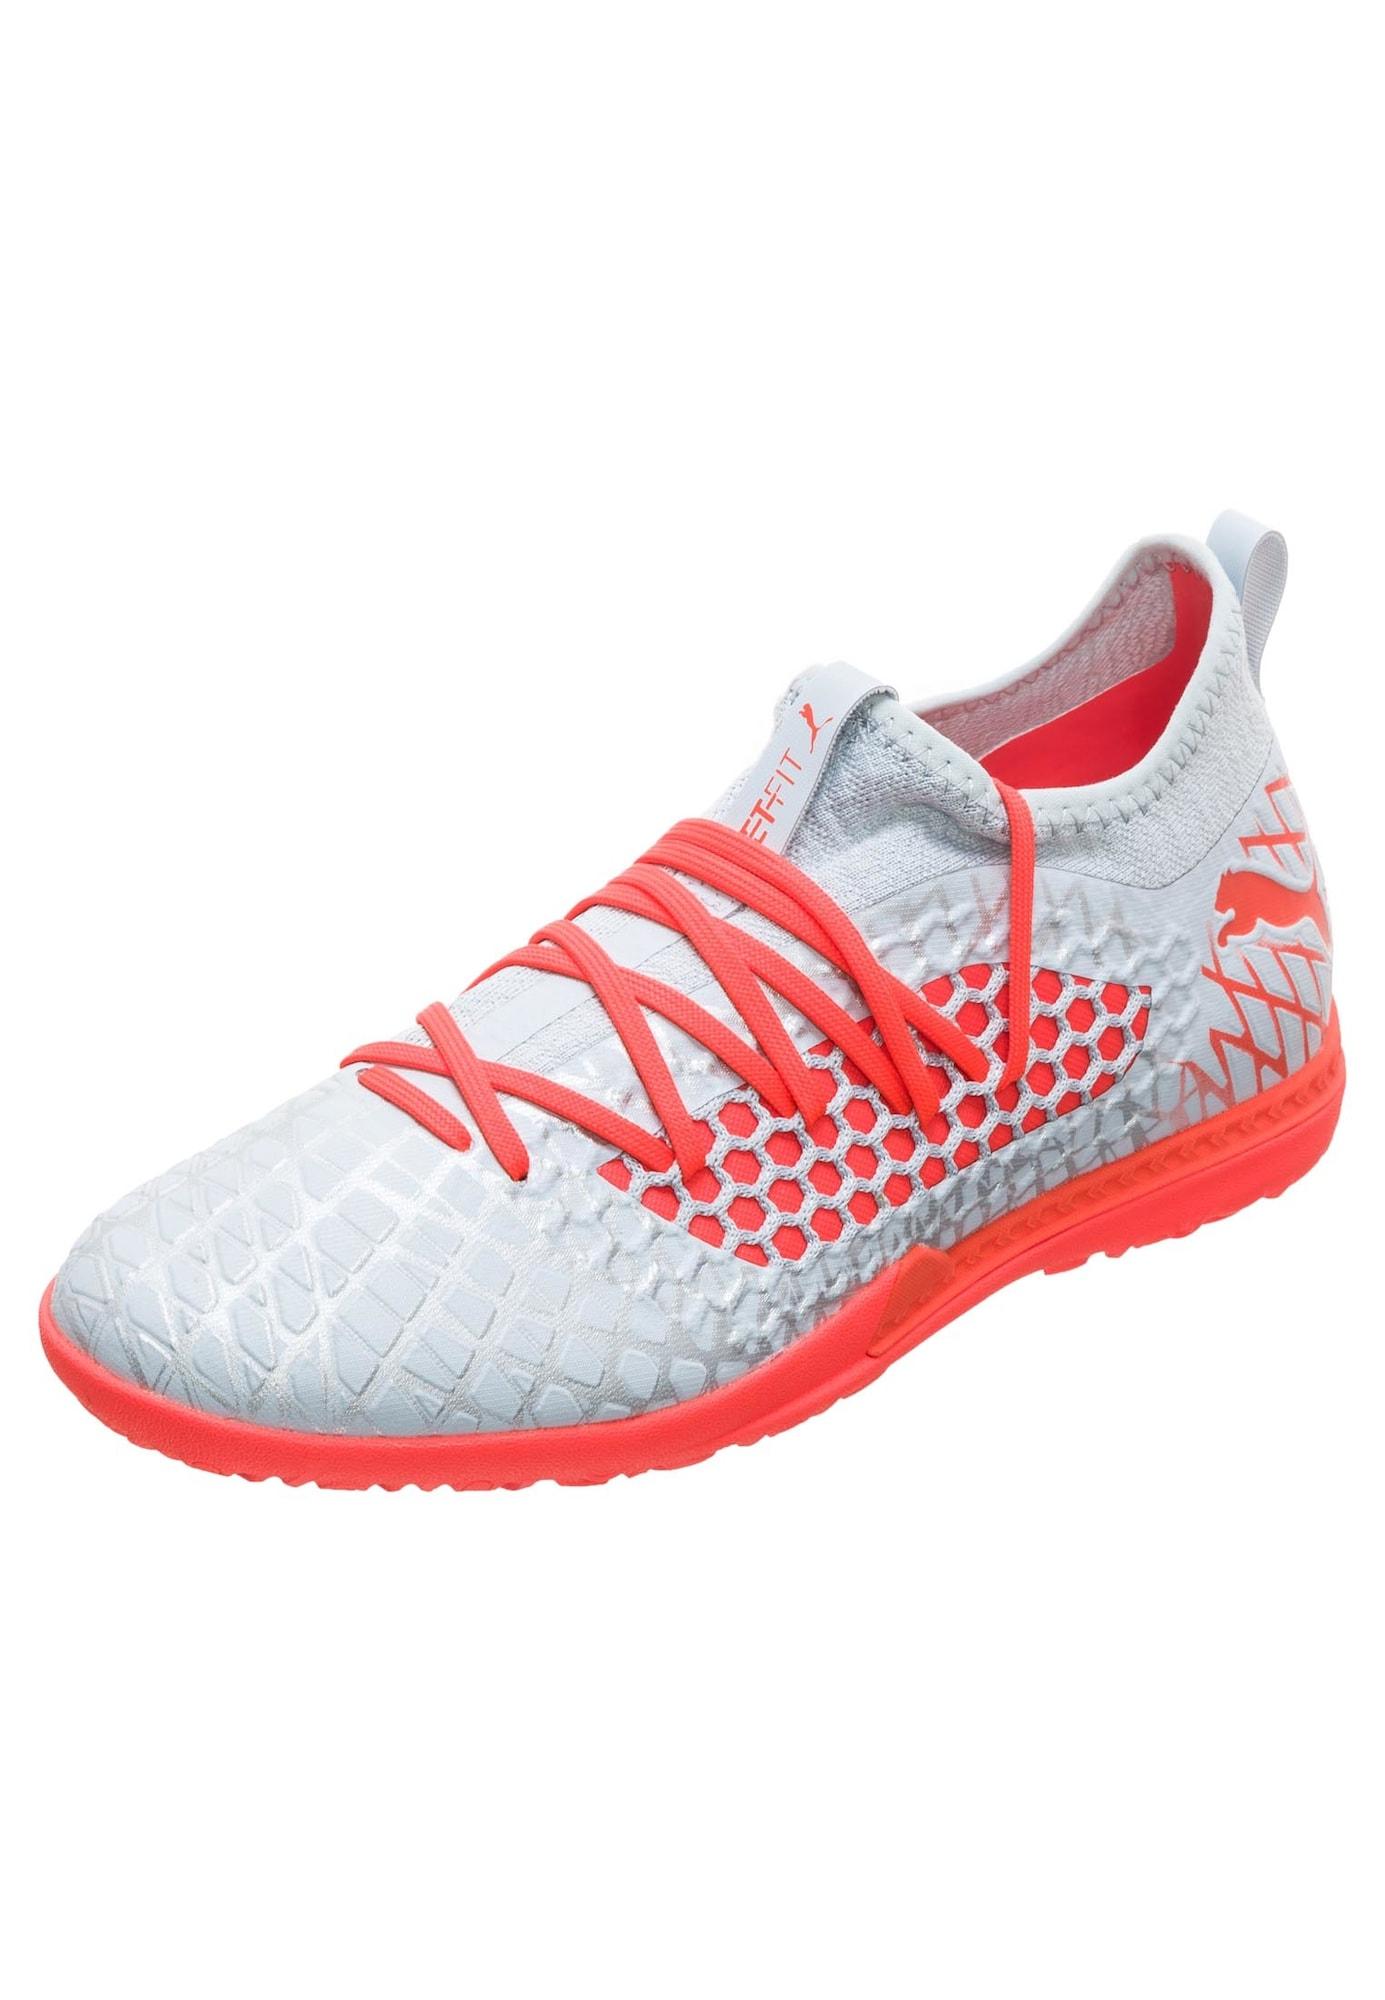 Fußballschuh 'Future 4.3 Netfit TT' | Schuhe > Sportschuhe > Fußballschuhe | Rot - Weiß | Puma